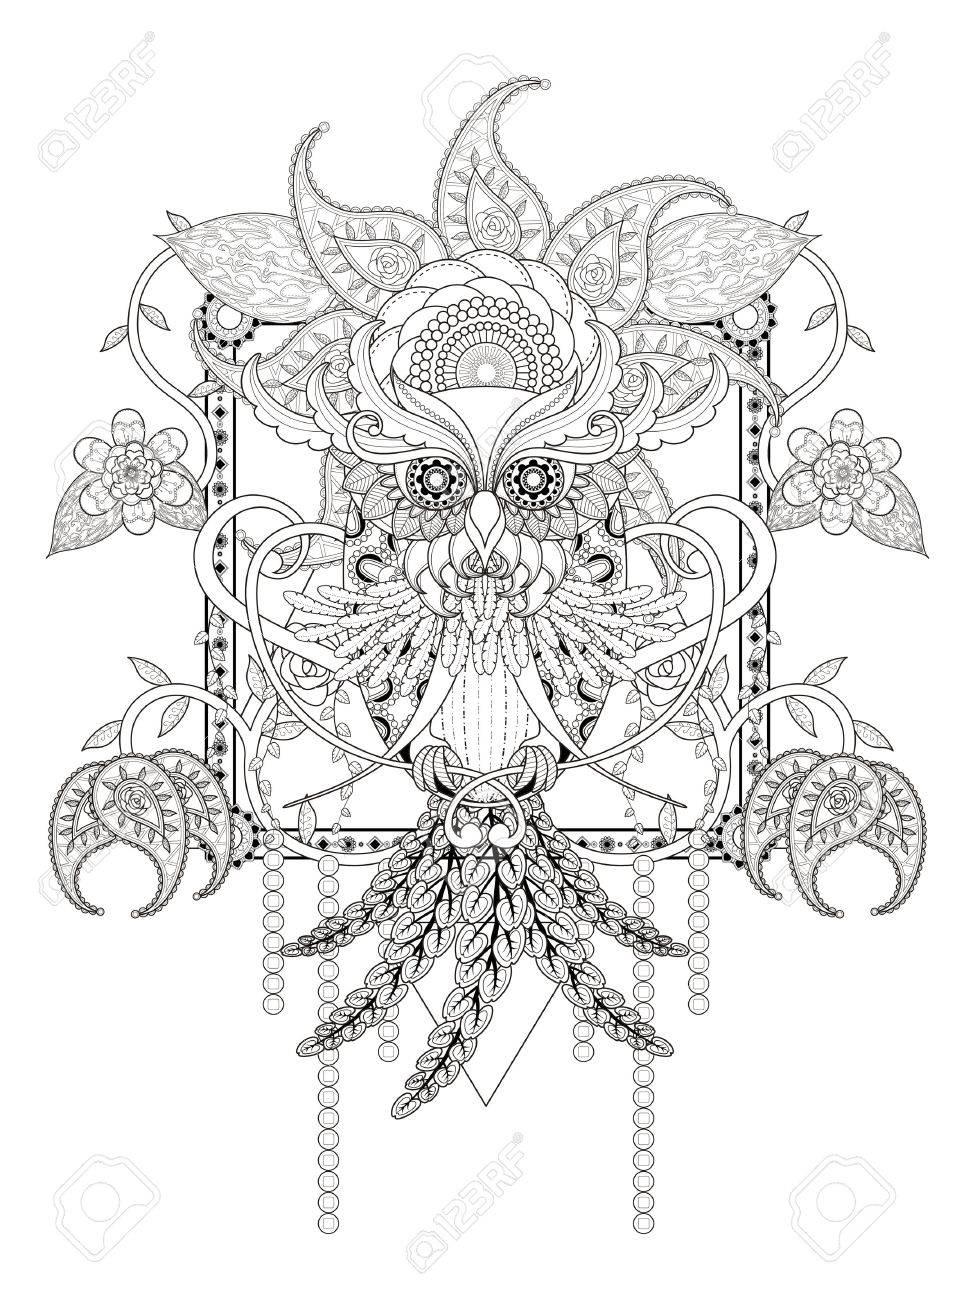 花の要素を持つ神秘的なフクロウ大人ぬりえのイラスト素材ベクタ